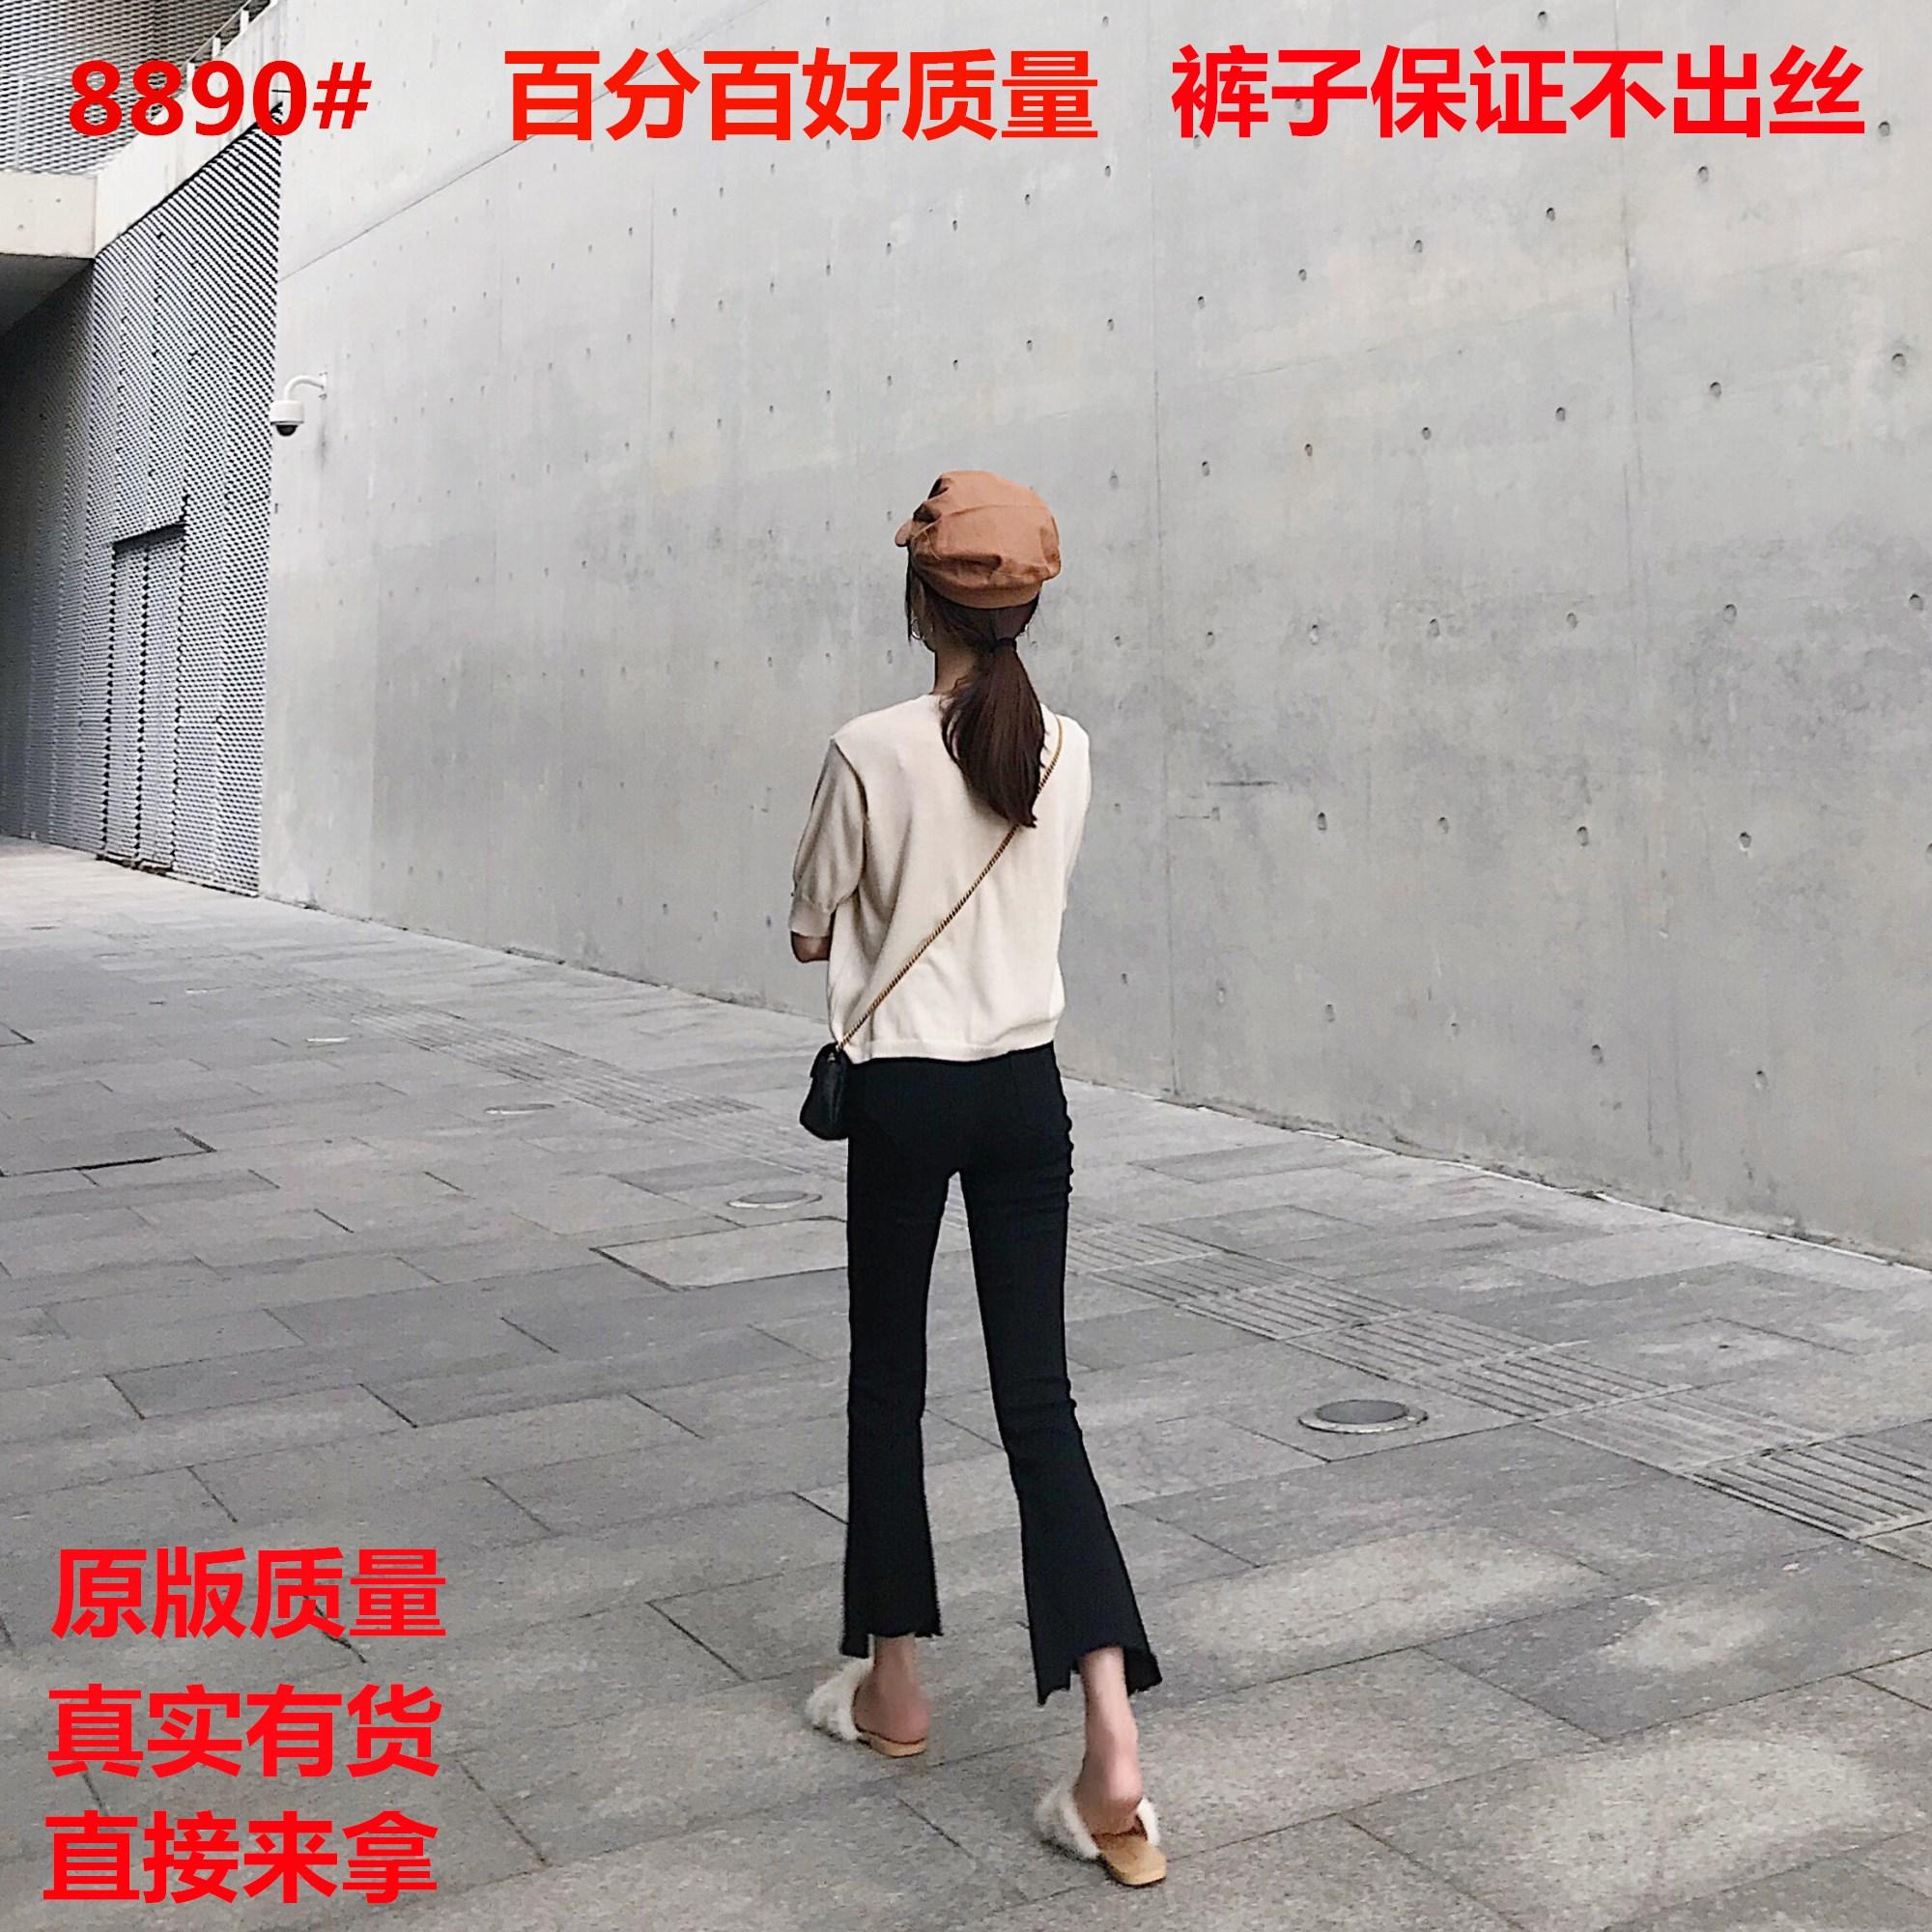 超火的黑色微喇牛仔裤子韩版高腰修身喇叭裤早秋不规则显瘦九分裤